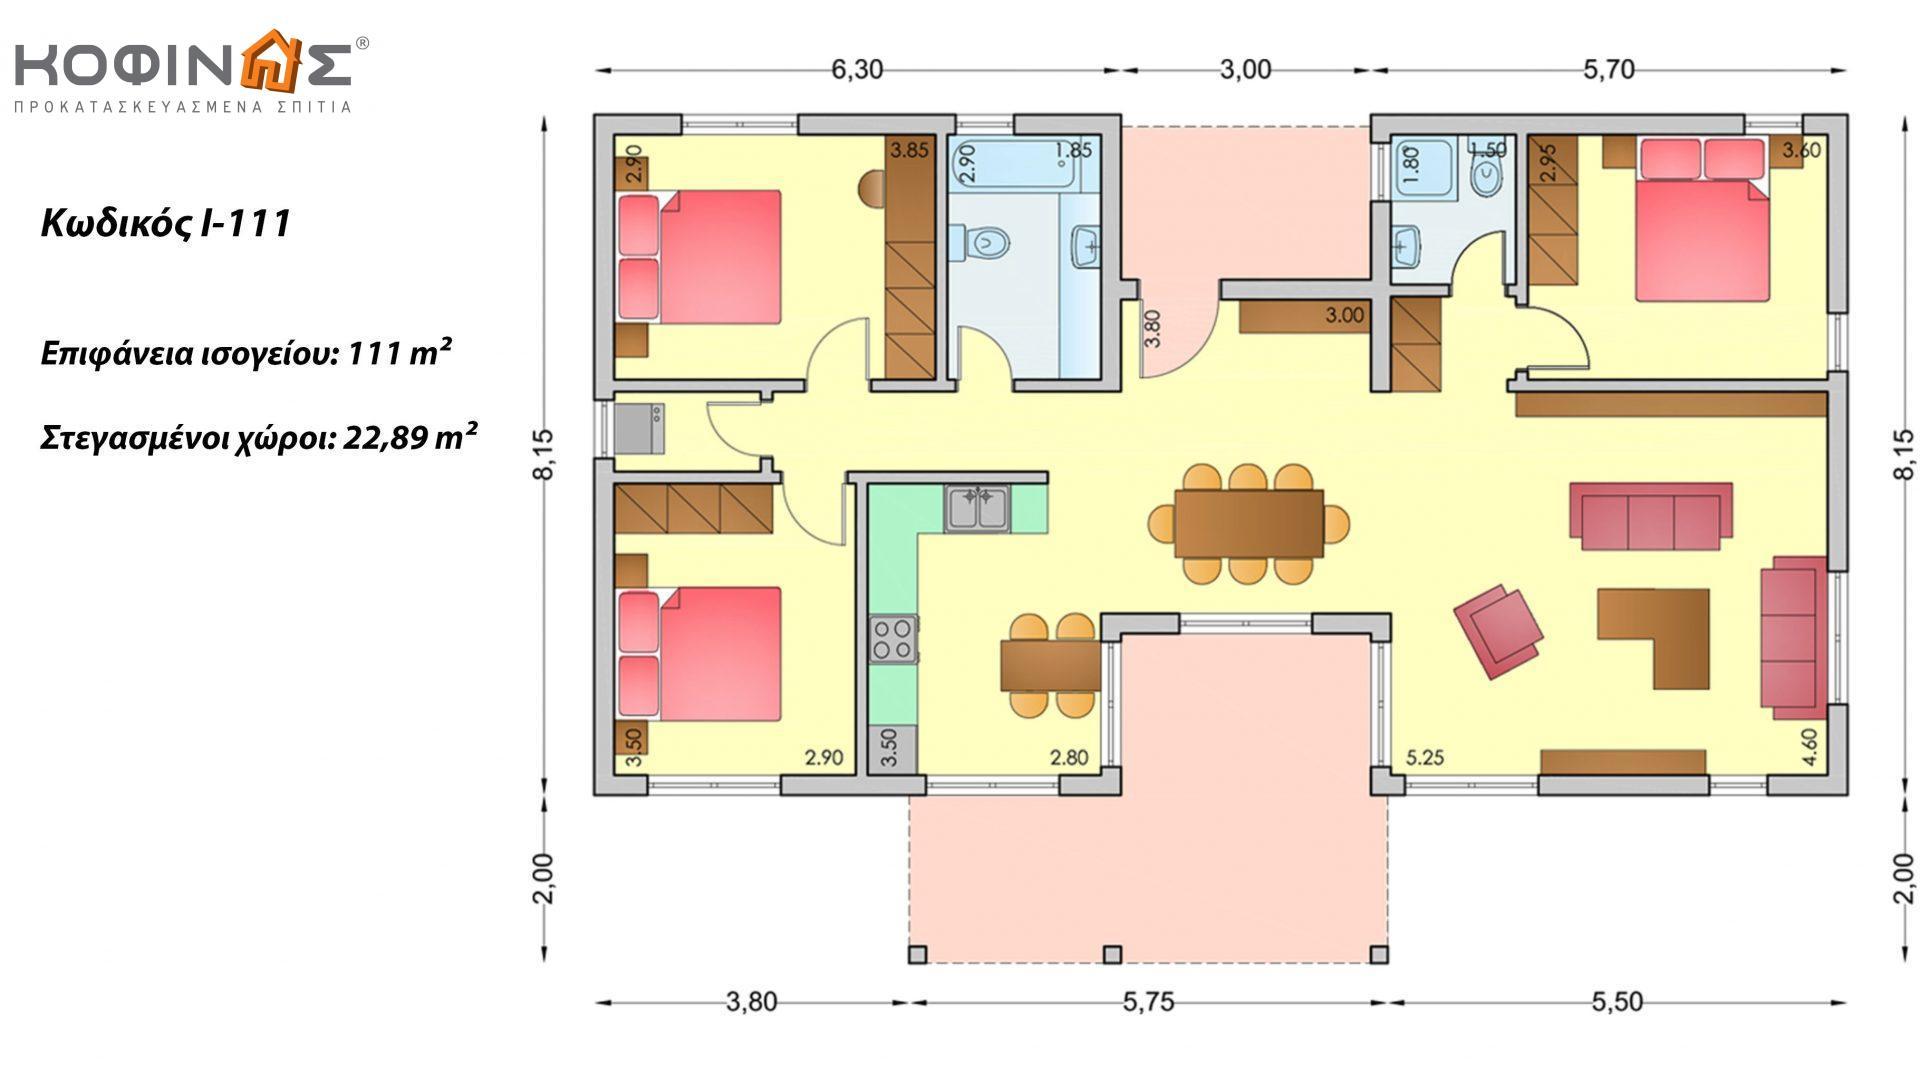 Ισόγεια Κατοικία I-111 συνολικής επιφάνειας 111 τ.μ., στεγασμένοι χώροι 22,89 τ.μ.